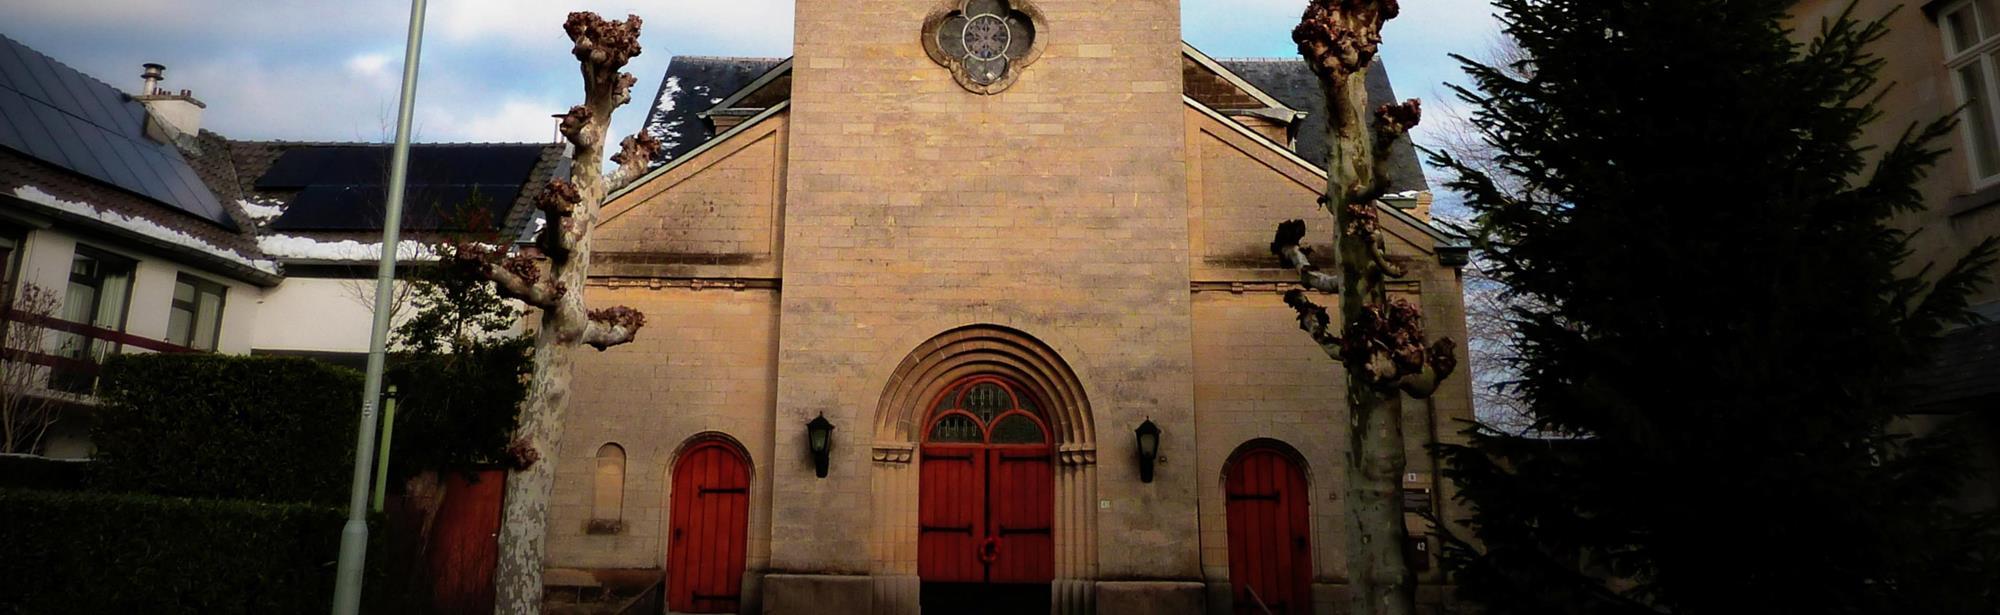 Sint-Roza de Limakerk